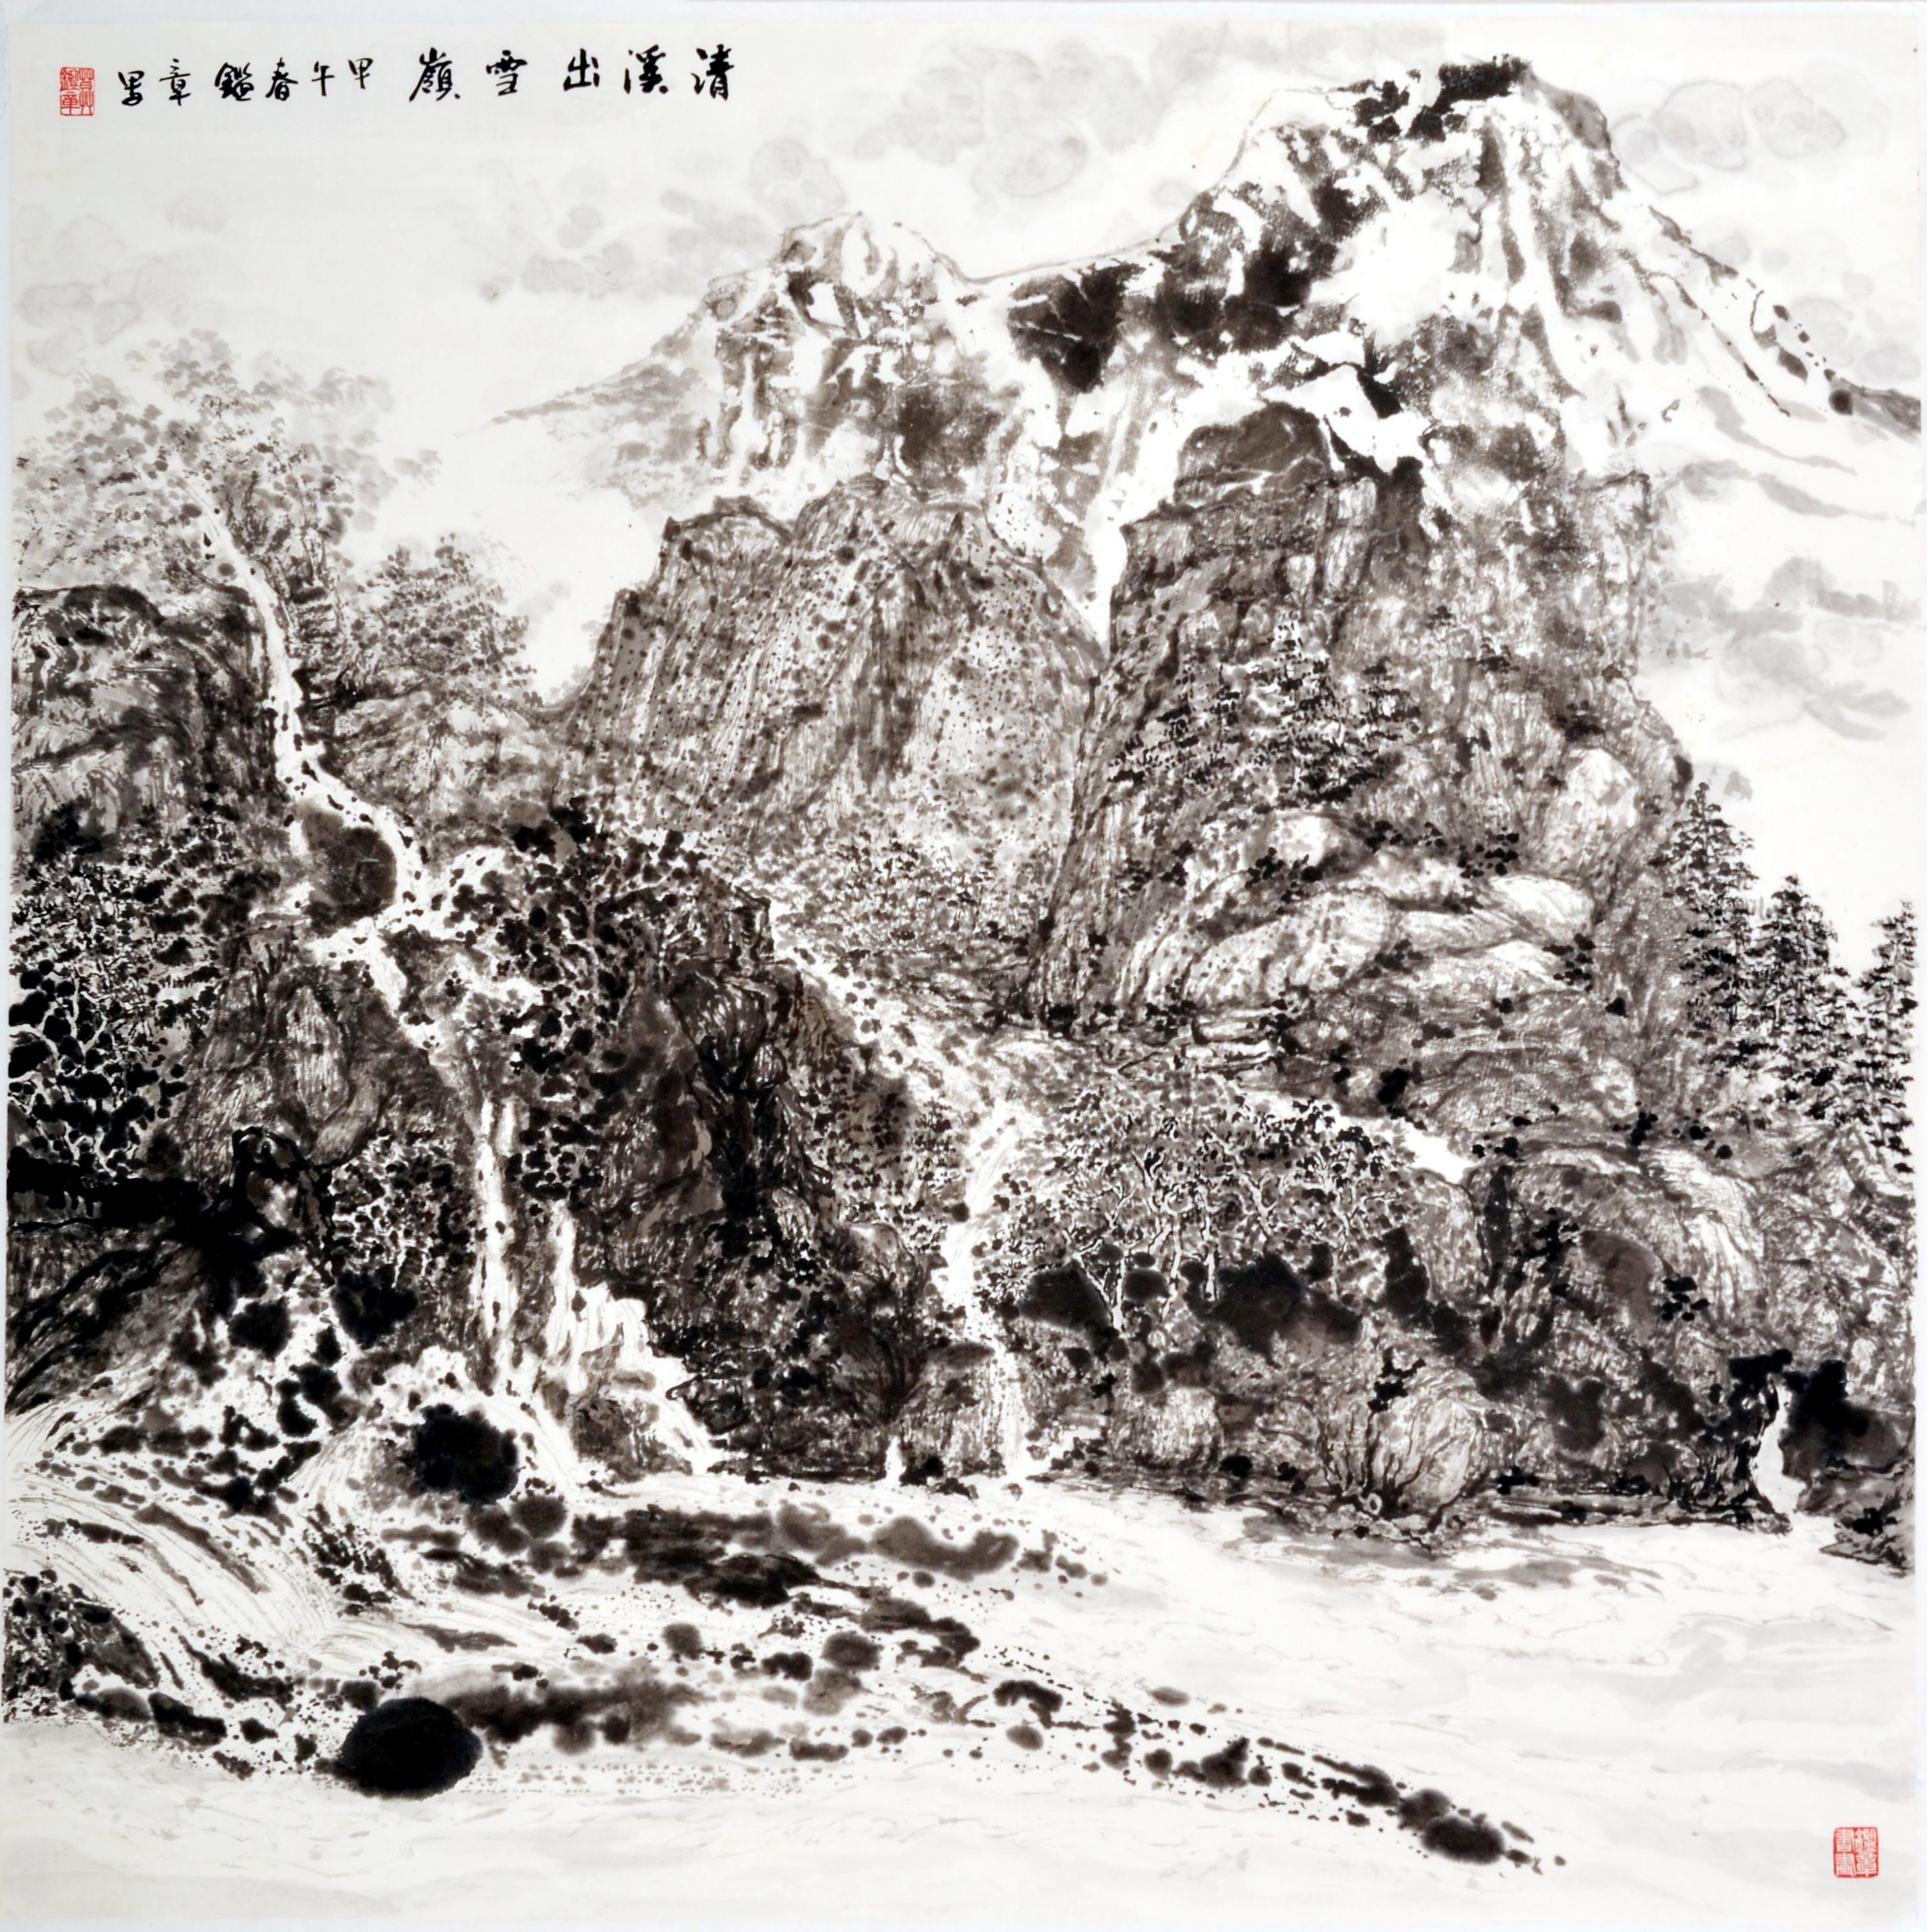 清溪出雪嶺